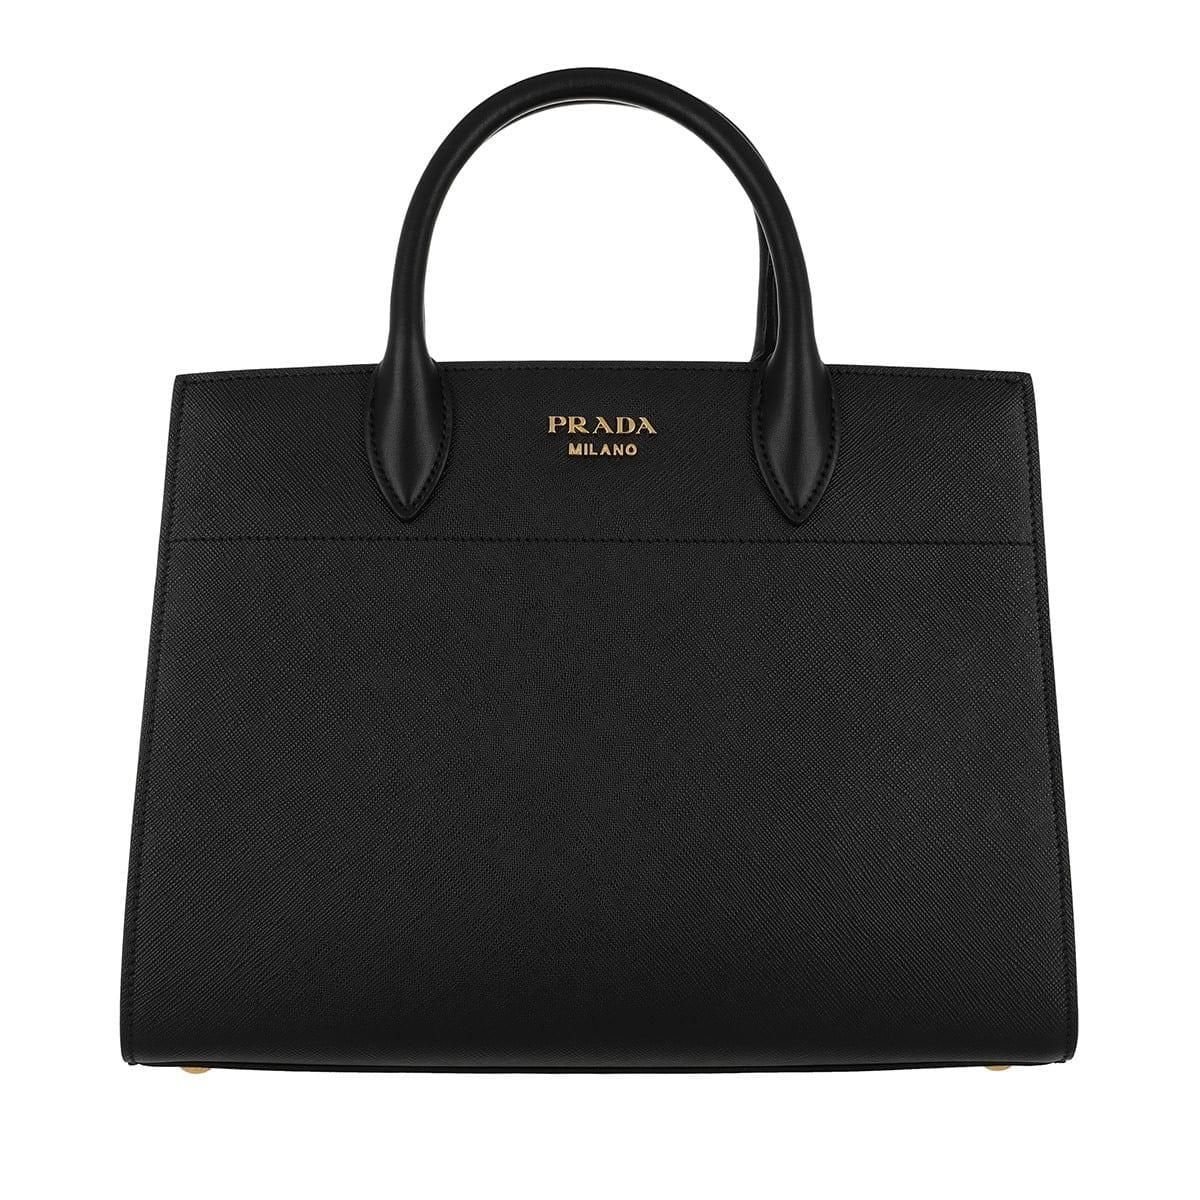 71809cd1a08f Schwarze Handtasche für jeden Anlass – jetzt im Sale kaufen –  Designertaschen-shops.de